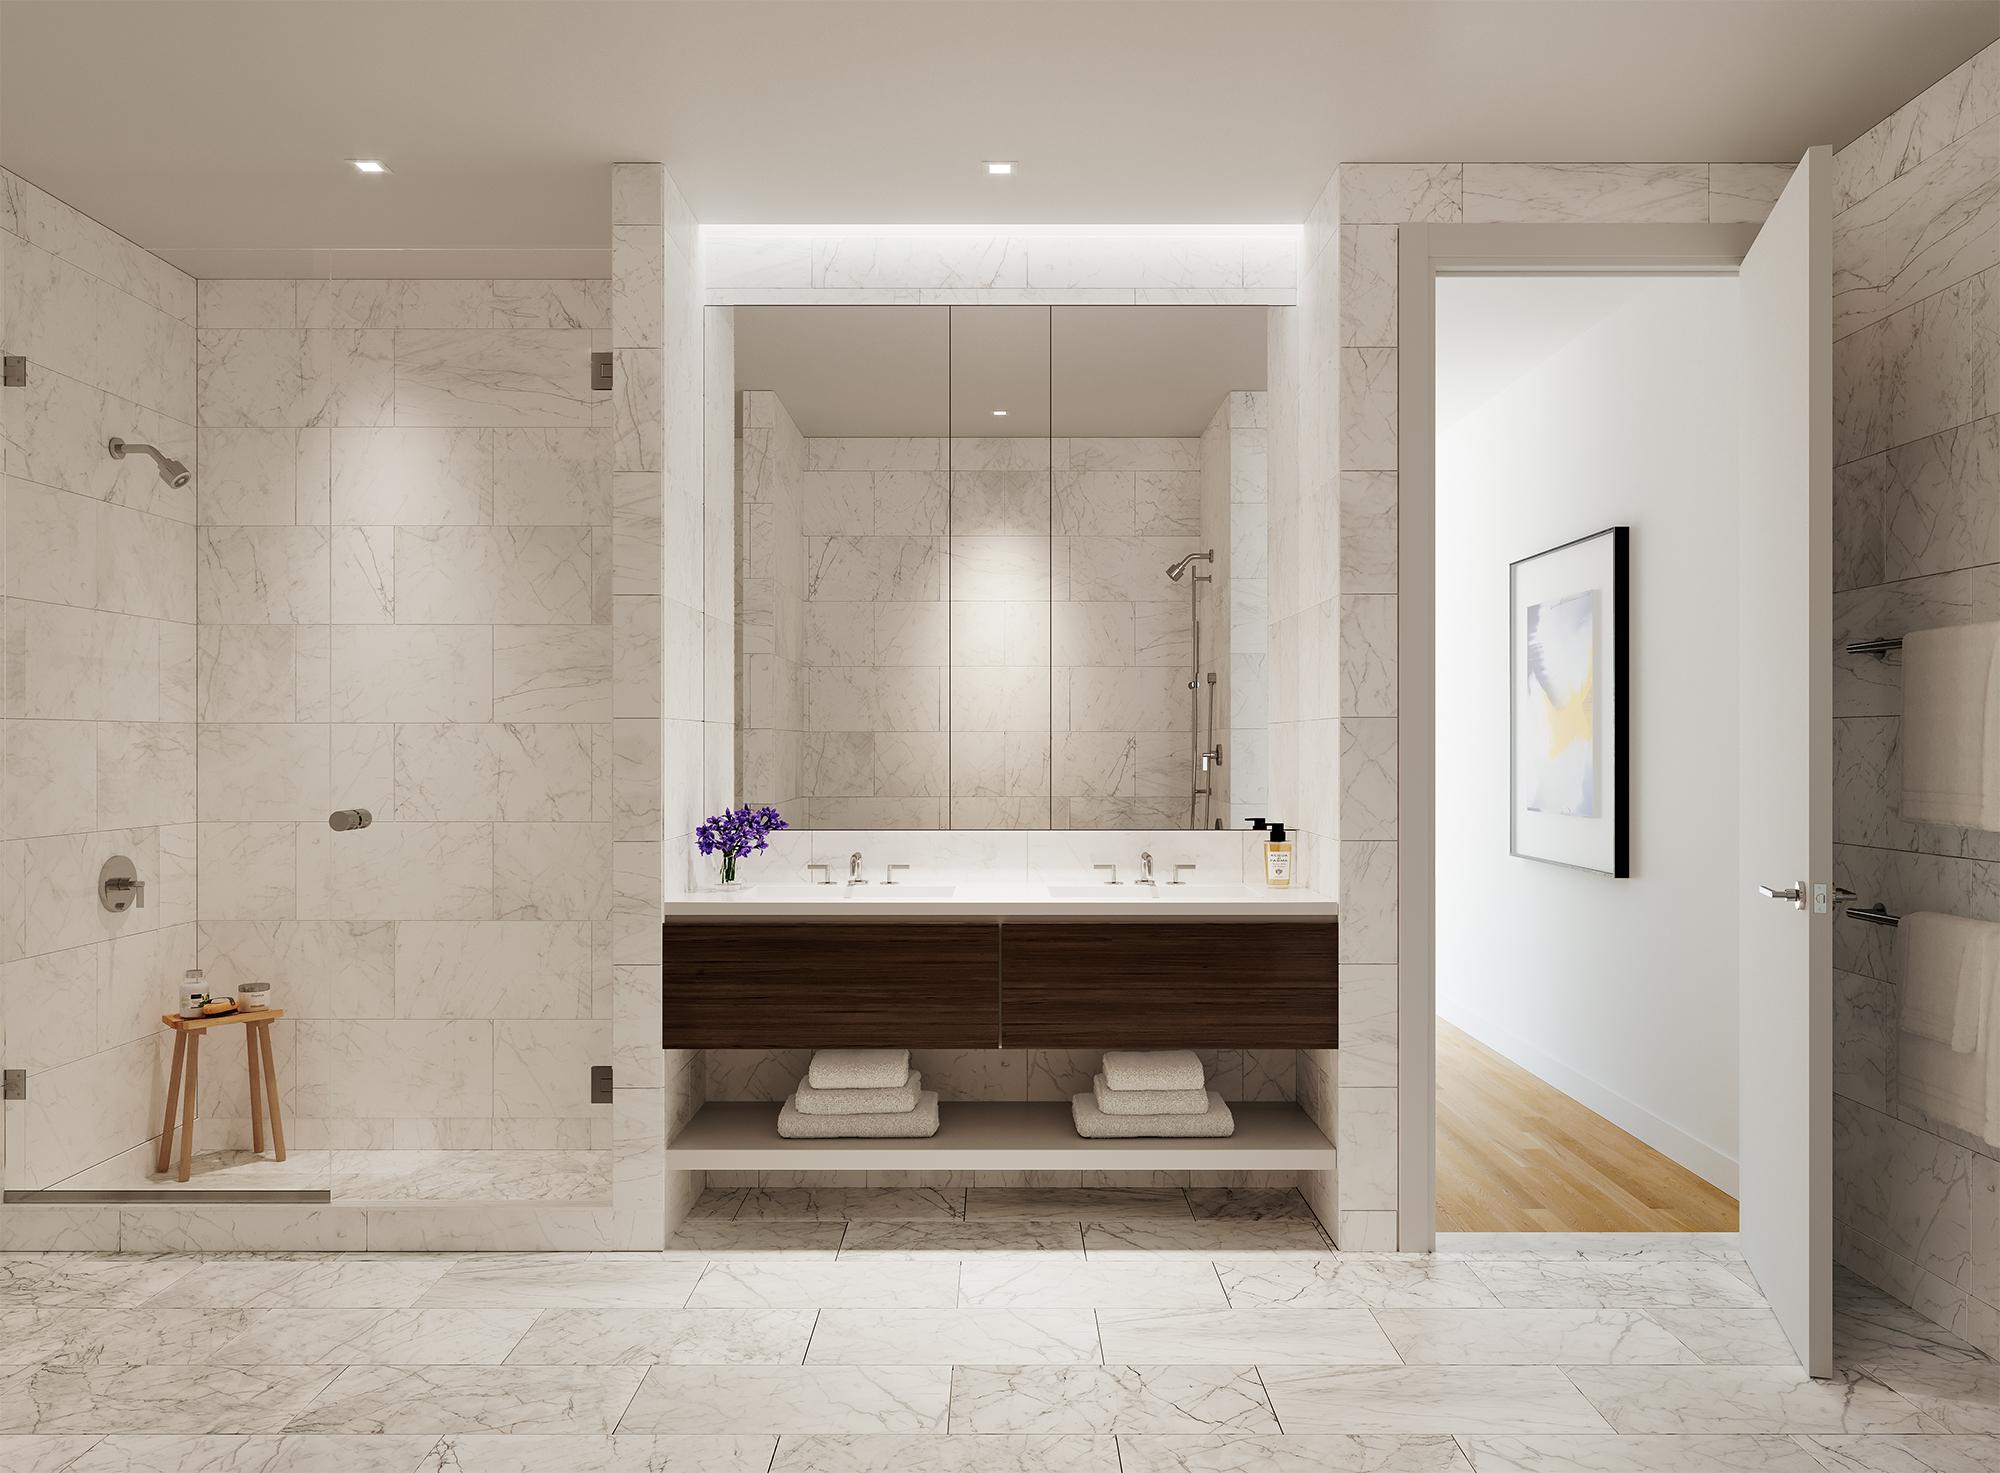 AVB1250_61stSt_S070_INT_Bathroom_2K (1).jpg